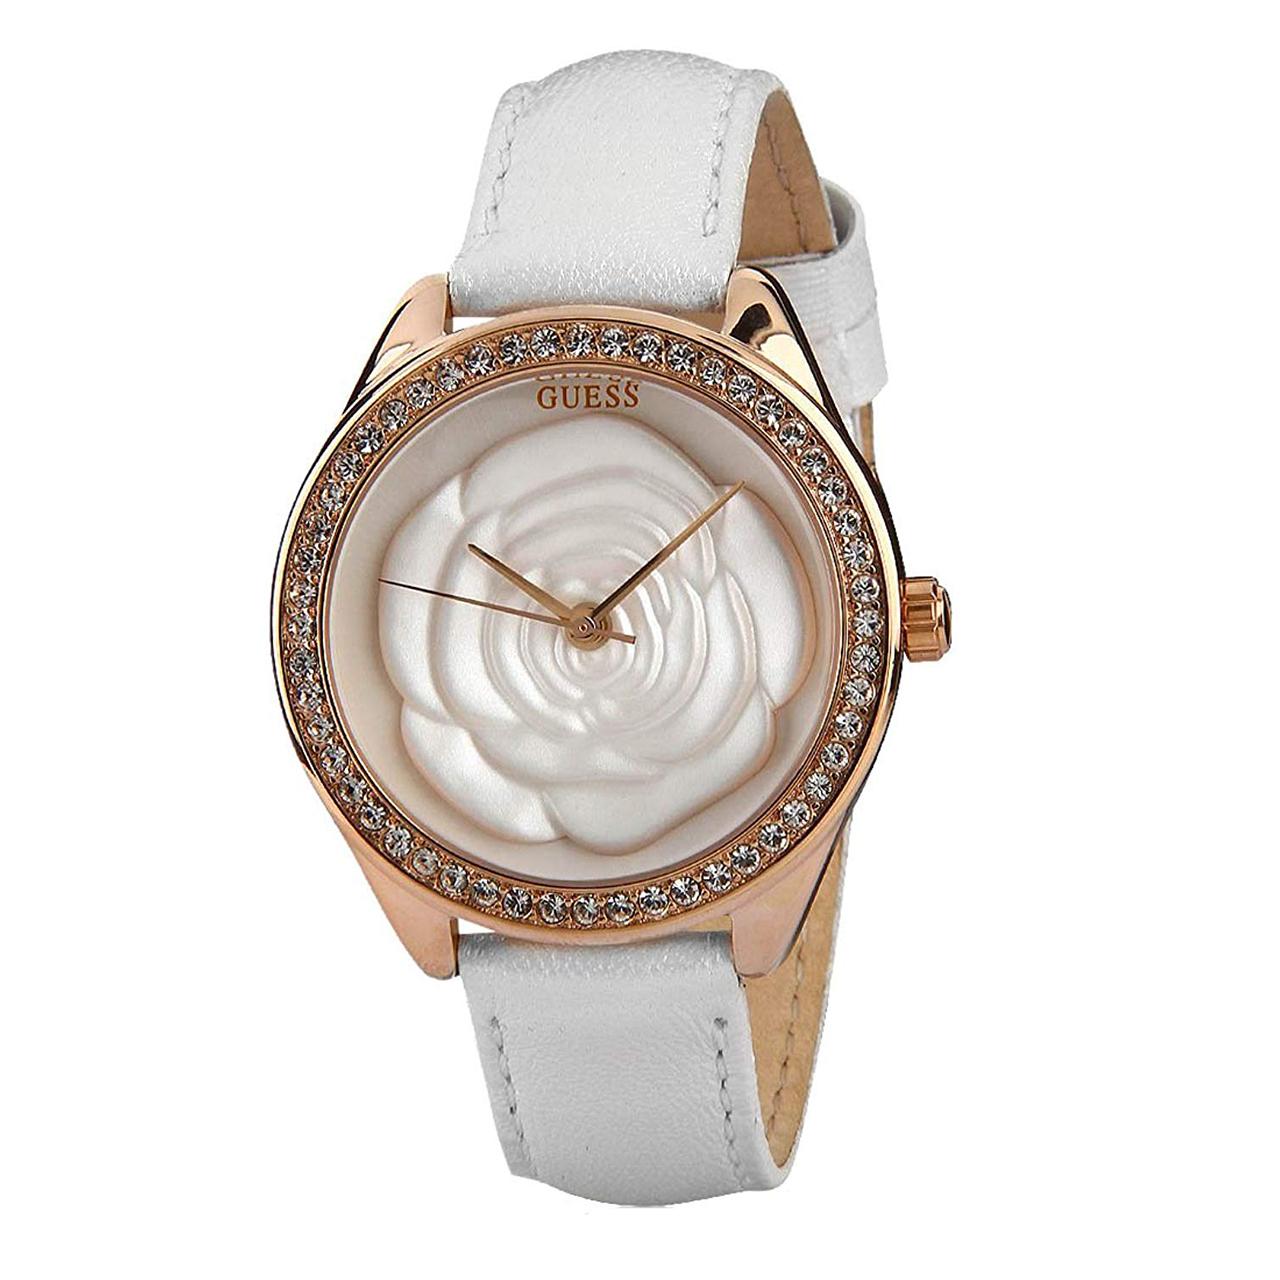 ساعت مچی عقربه ای زنانه گس مدل W90083L1